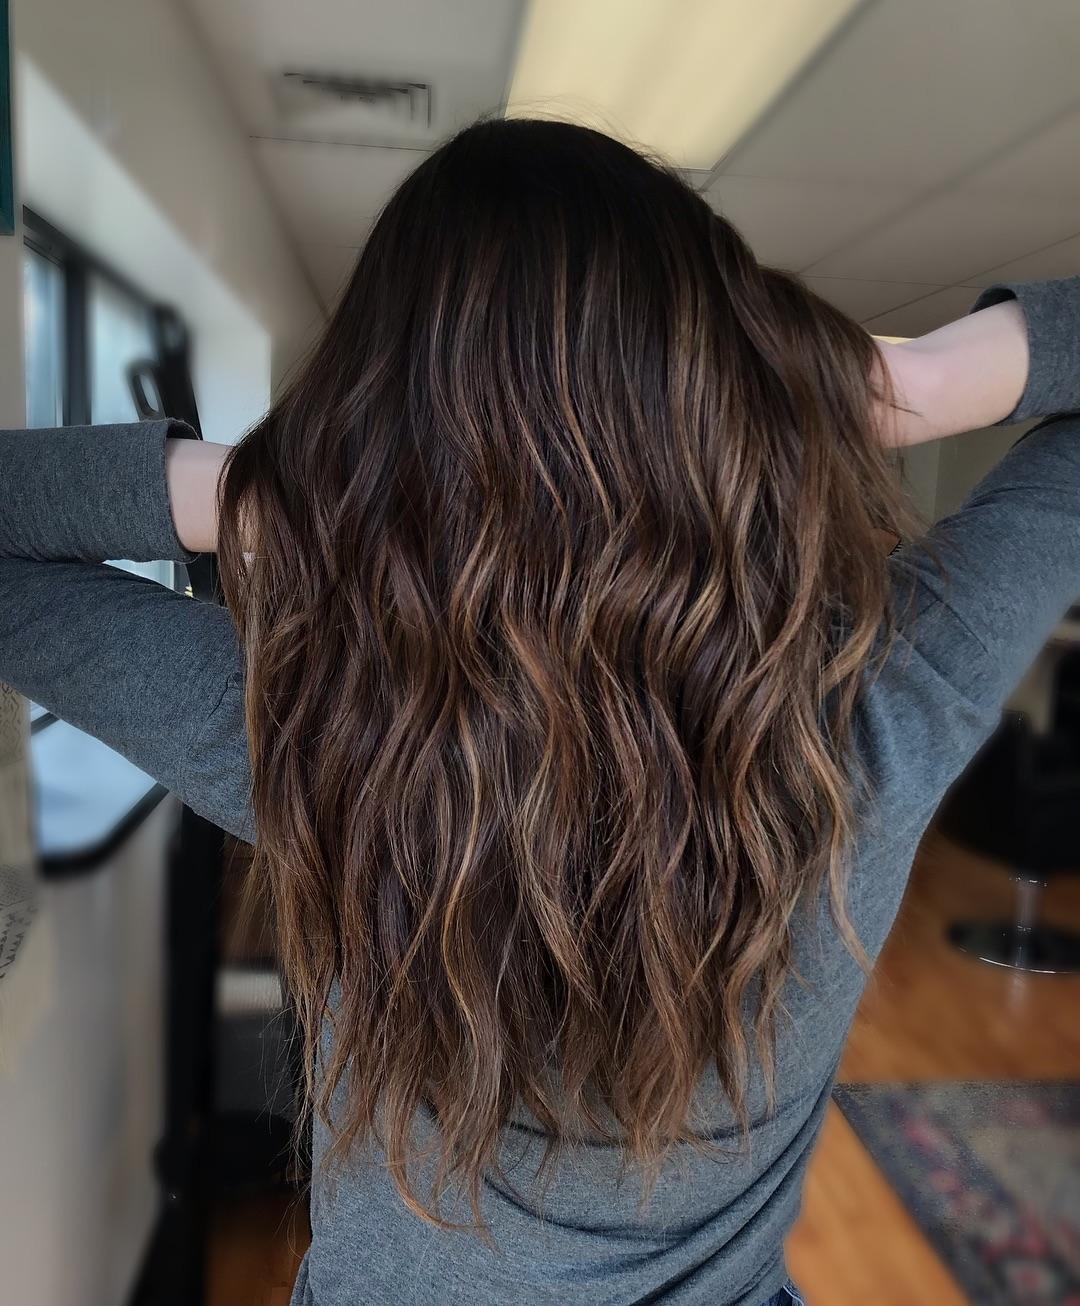 тенденции окрашивания волос 2019 года фото 1